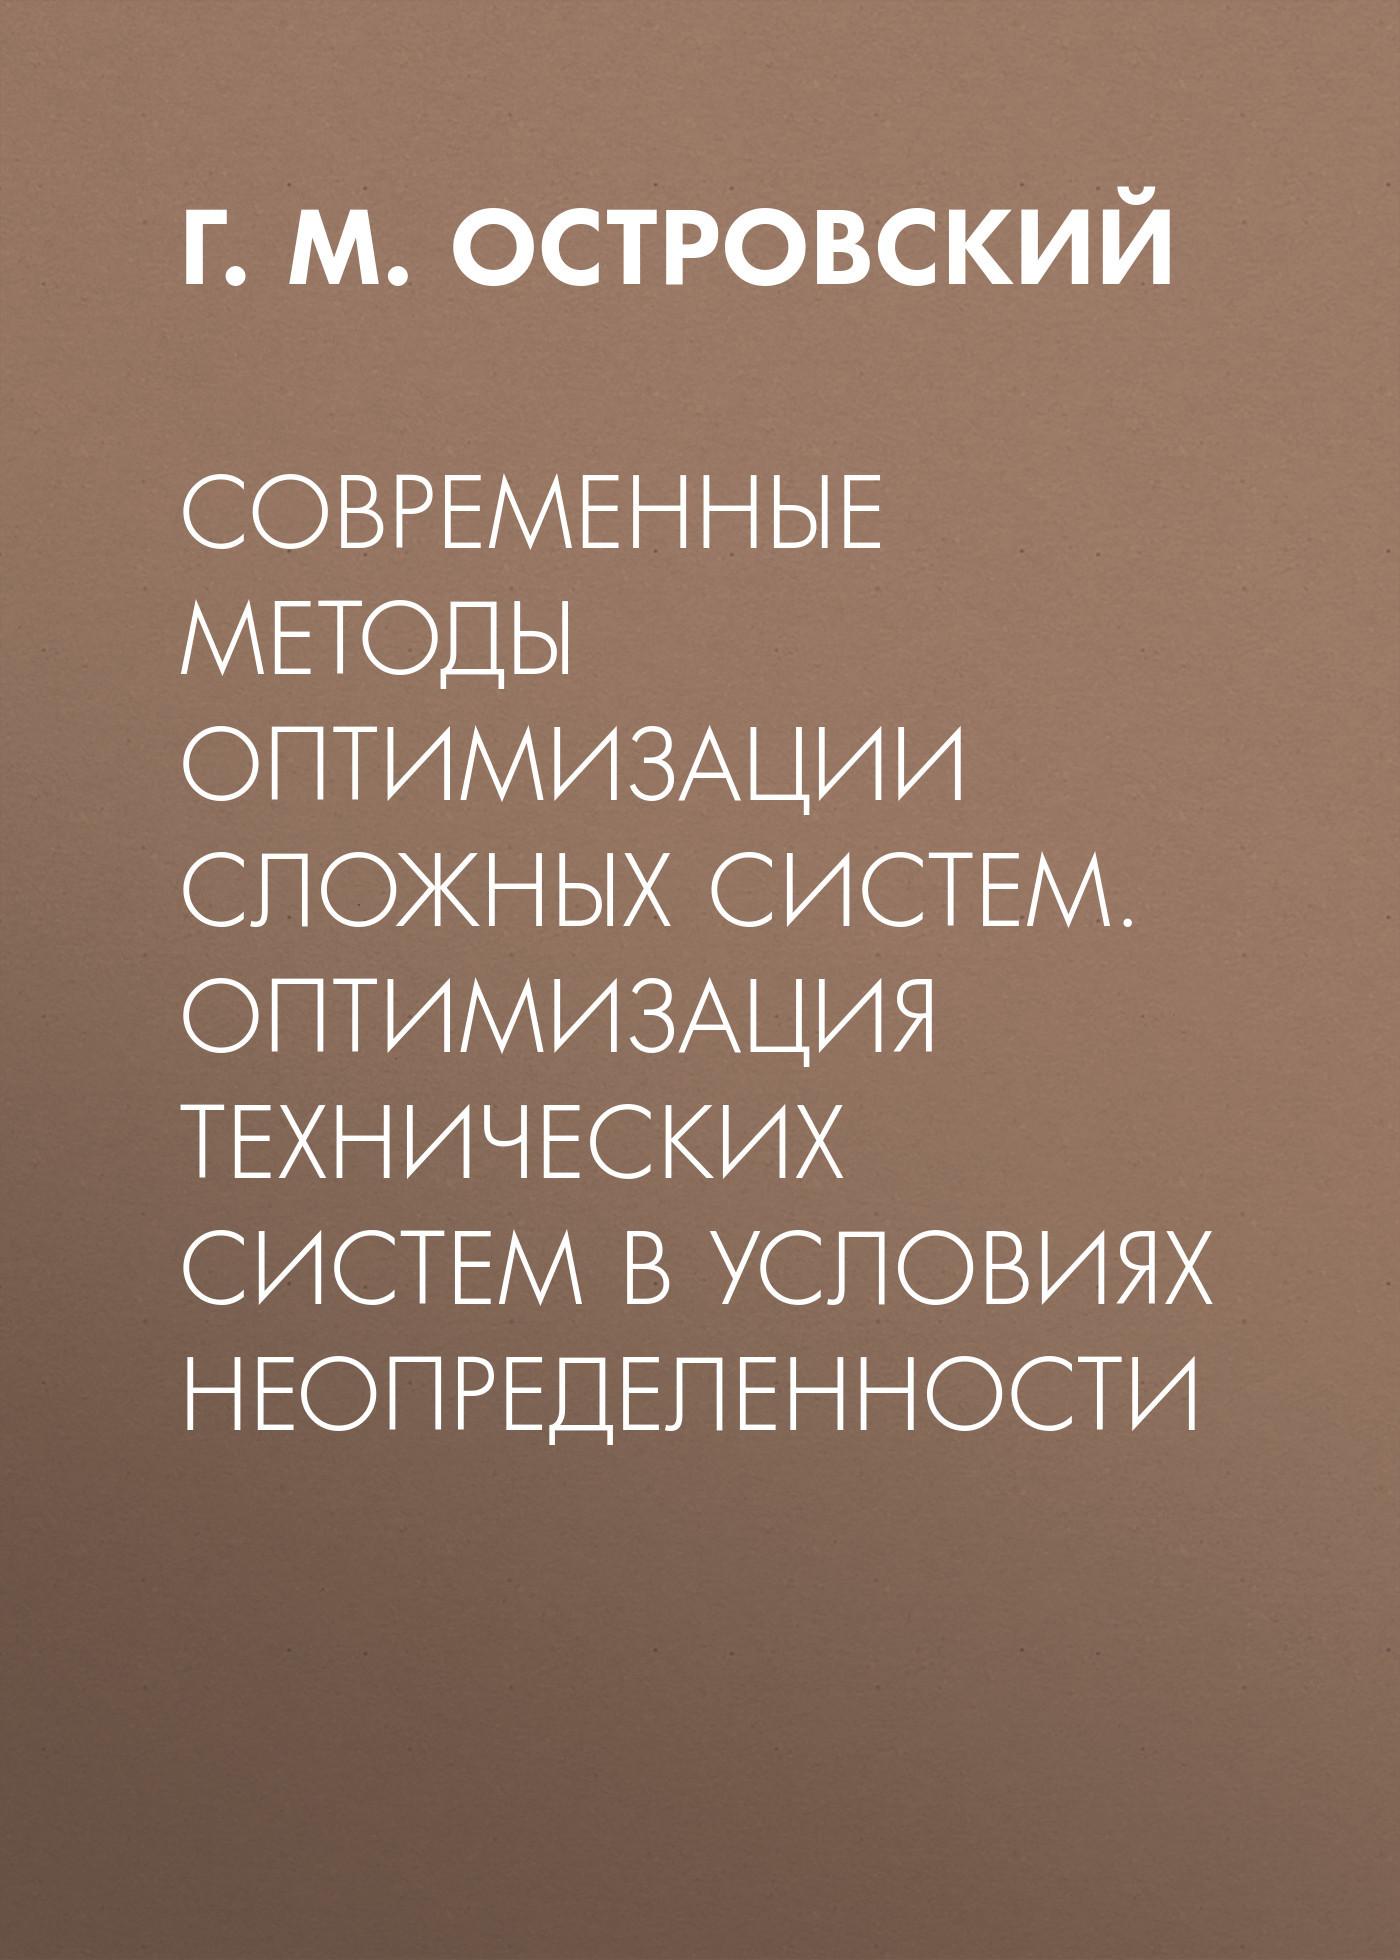 Г. М. Островский бесплатно